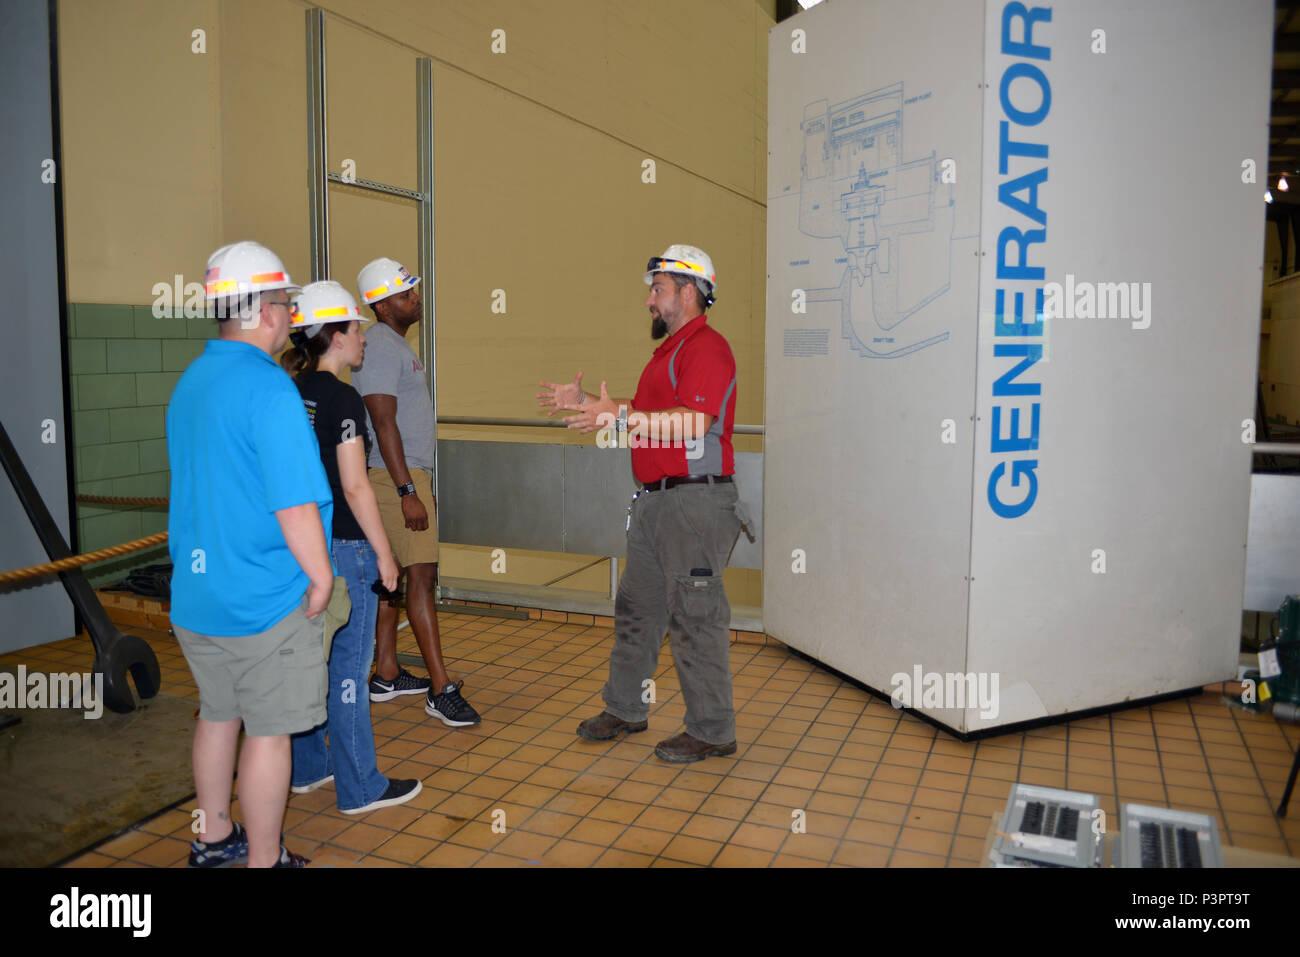 Increíble Ingeniero De Energía Eléctrica Reanudar Muestra Ornamento ...